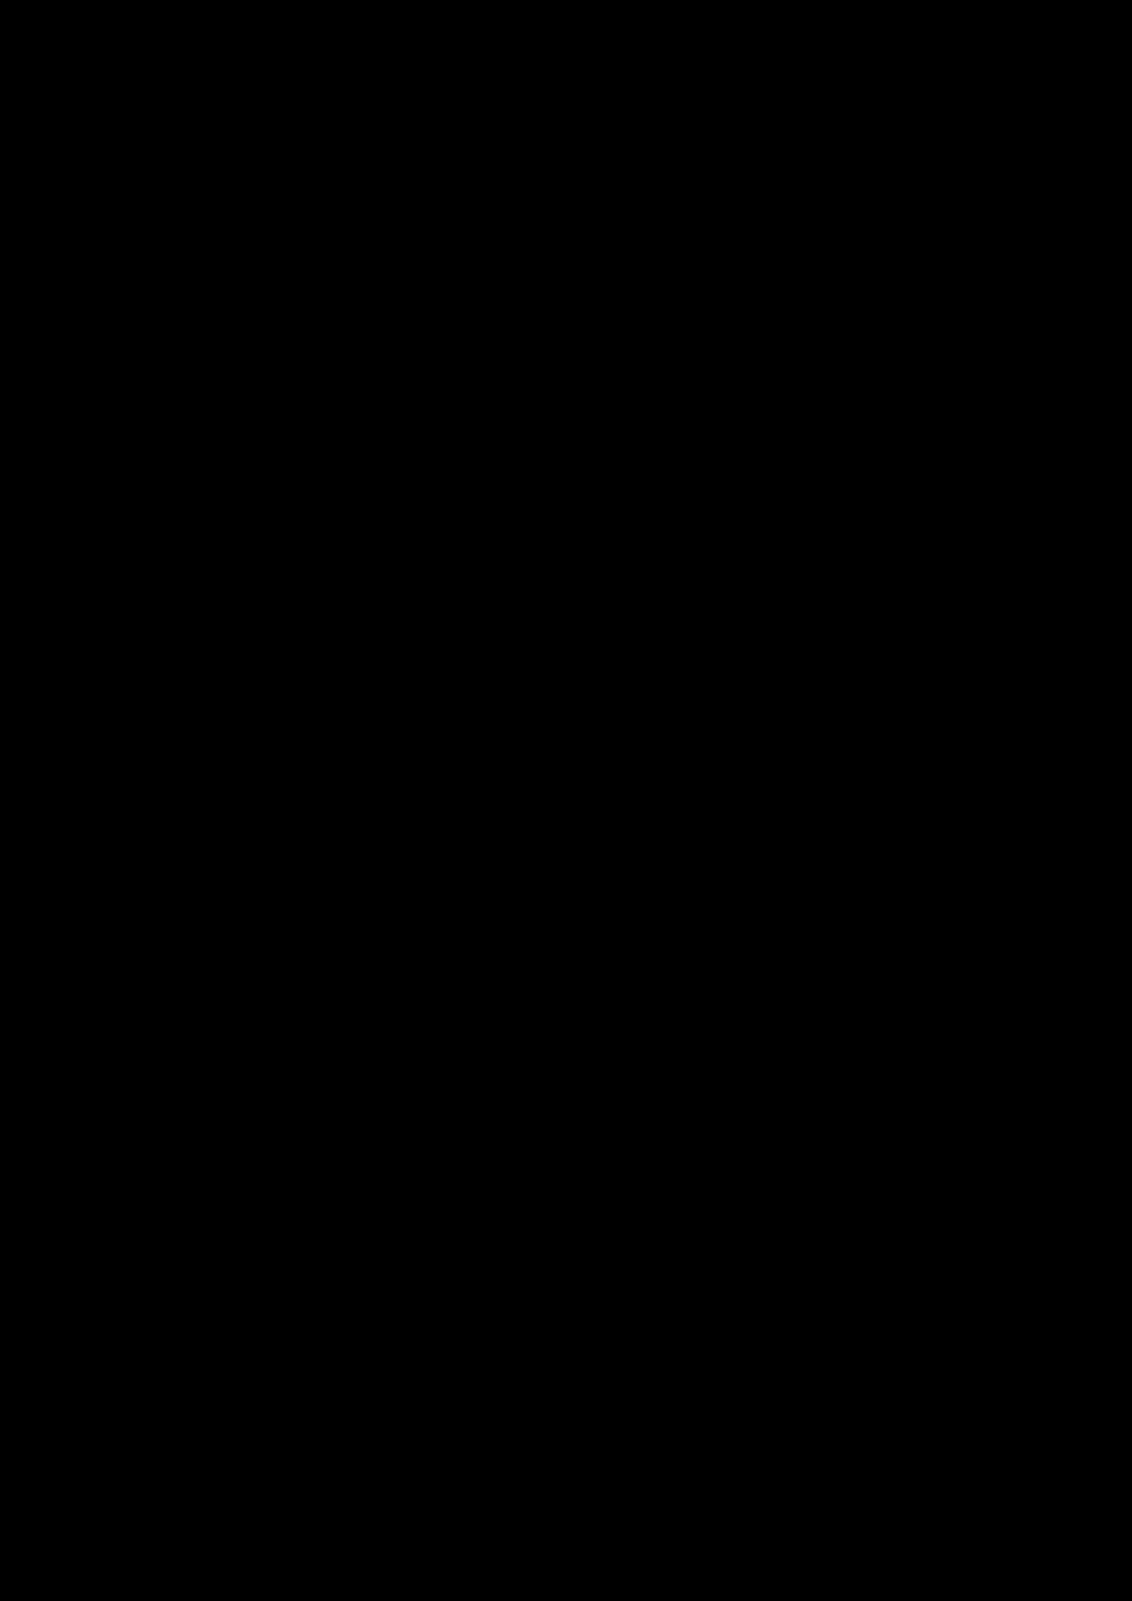 Dekoratsii slide, Image 8